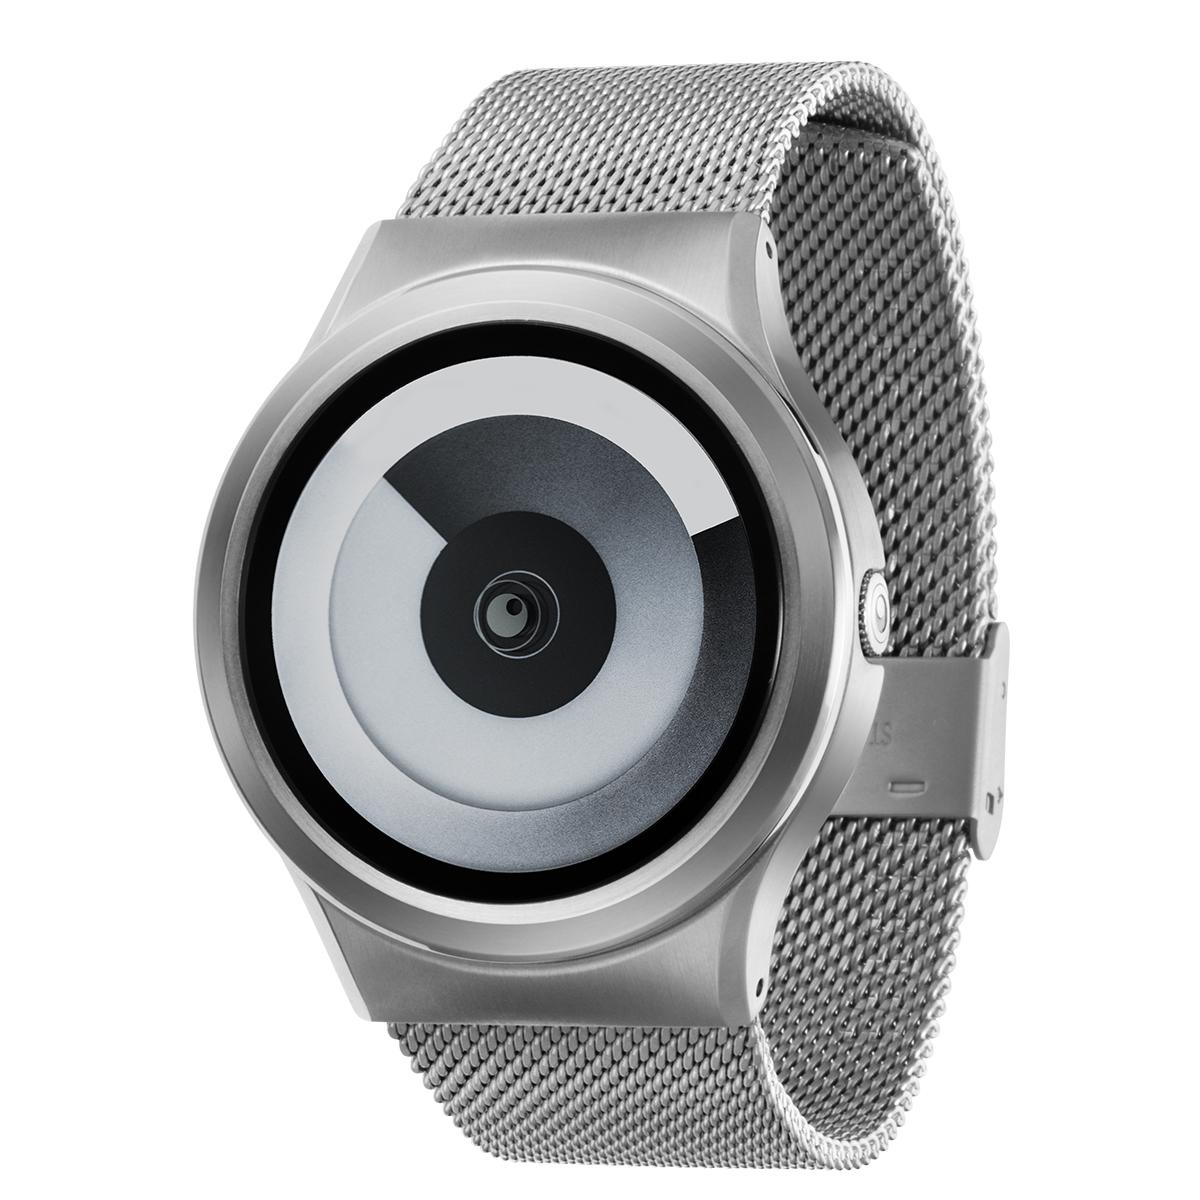 ファッションウォッチ デザインウォッチ 5ATM メーカー保障12ヶ月 ベルト調整用工具 LOGO入りクロス 取扱説明書 税込 ZIIIROとは関係ありません ZEROOTIME ゼロタイム ZEROO SPIRAL ペア用 ゼロ GALAXY おしゃれ時計 レディース ユニセックス デザイナーズ W06016B01SM01 贈呈 電池式クォーツ ホワイト 腕時計 メンズ